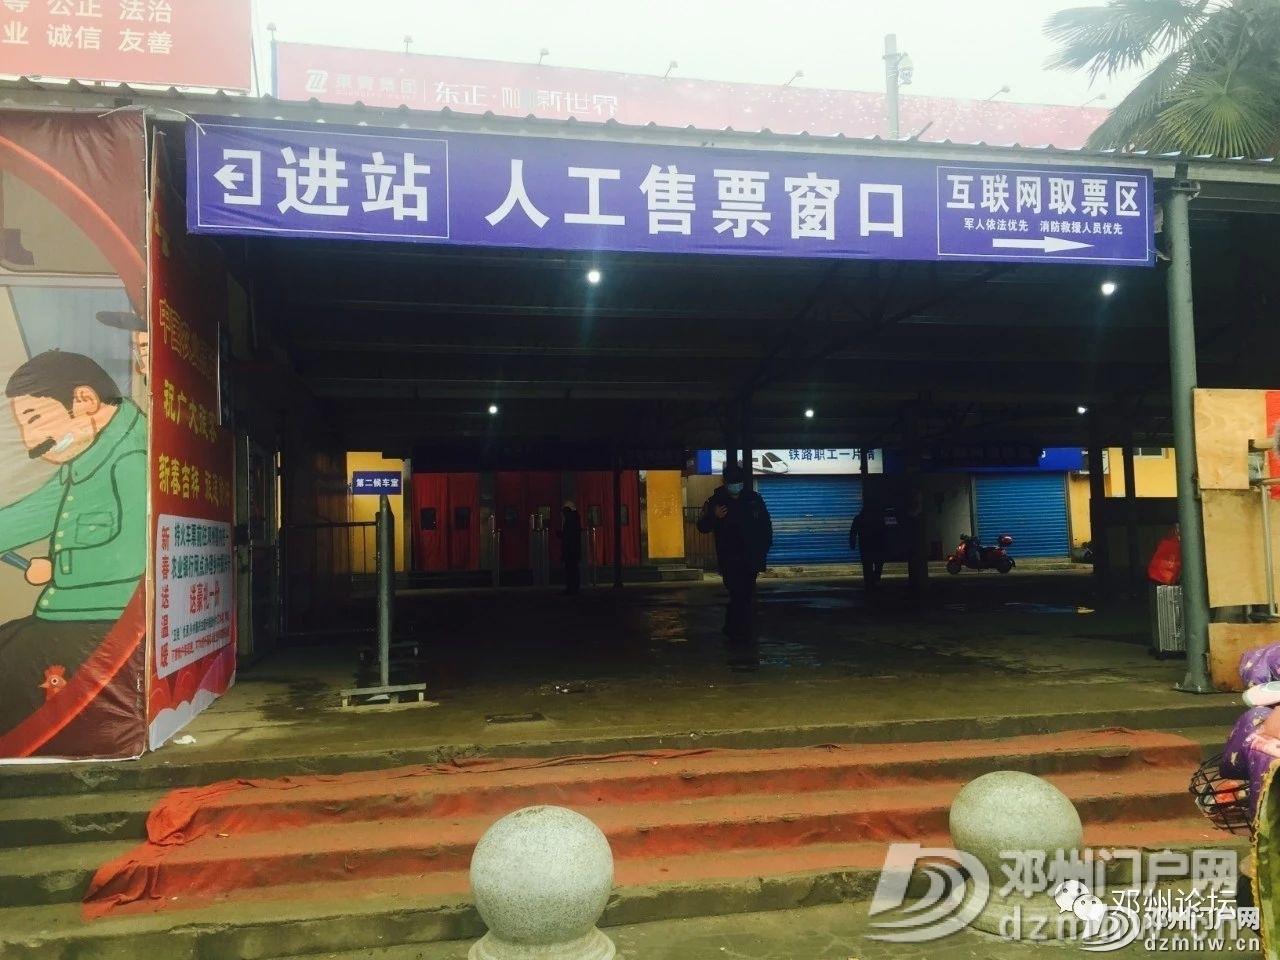 邓州火车站还能正常运行吗?这里有最新消息... - 邓州门户网|邓州网 - 2b02ea9510708541c0466548fb2e3d94.jpg